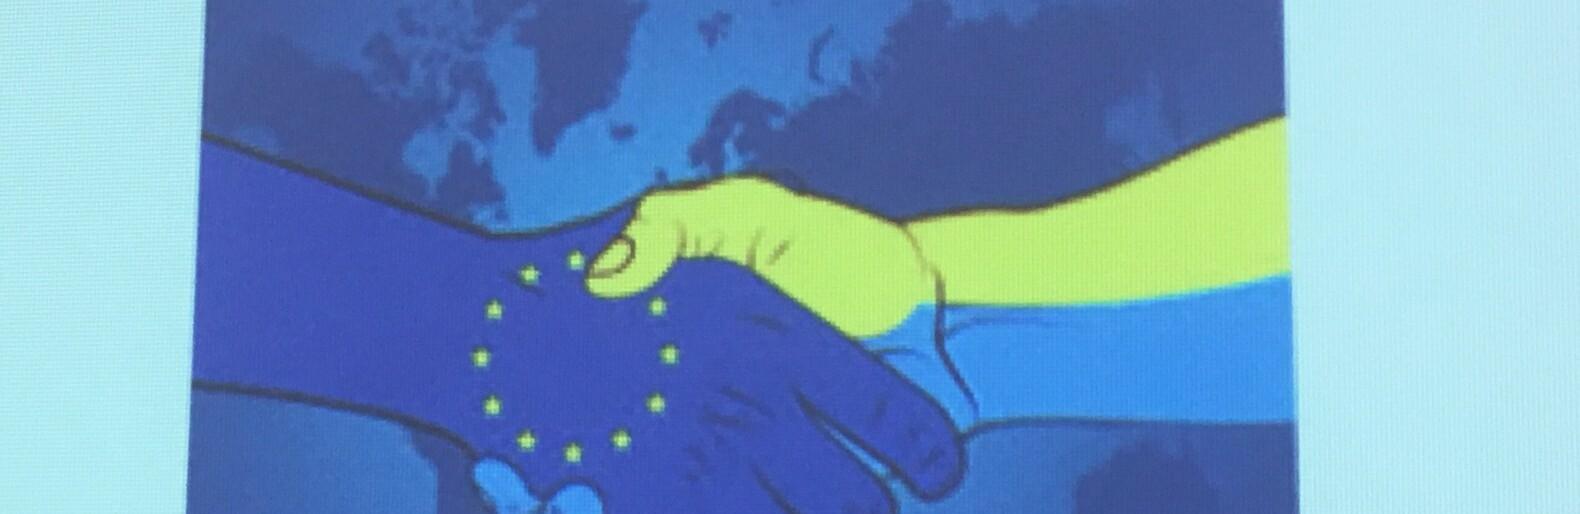 Кривой Рог готовится стать частью Изумрудной сети и выйти на европейский уровень по охране природы, - ФОТО